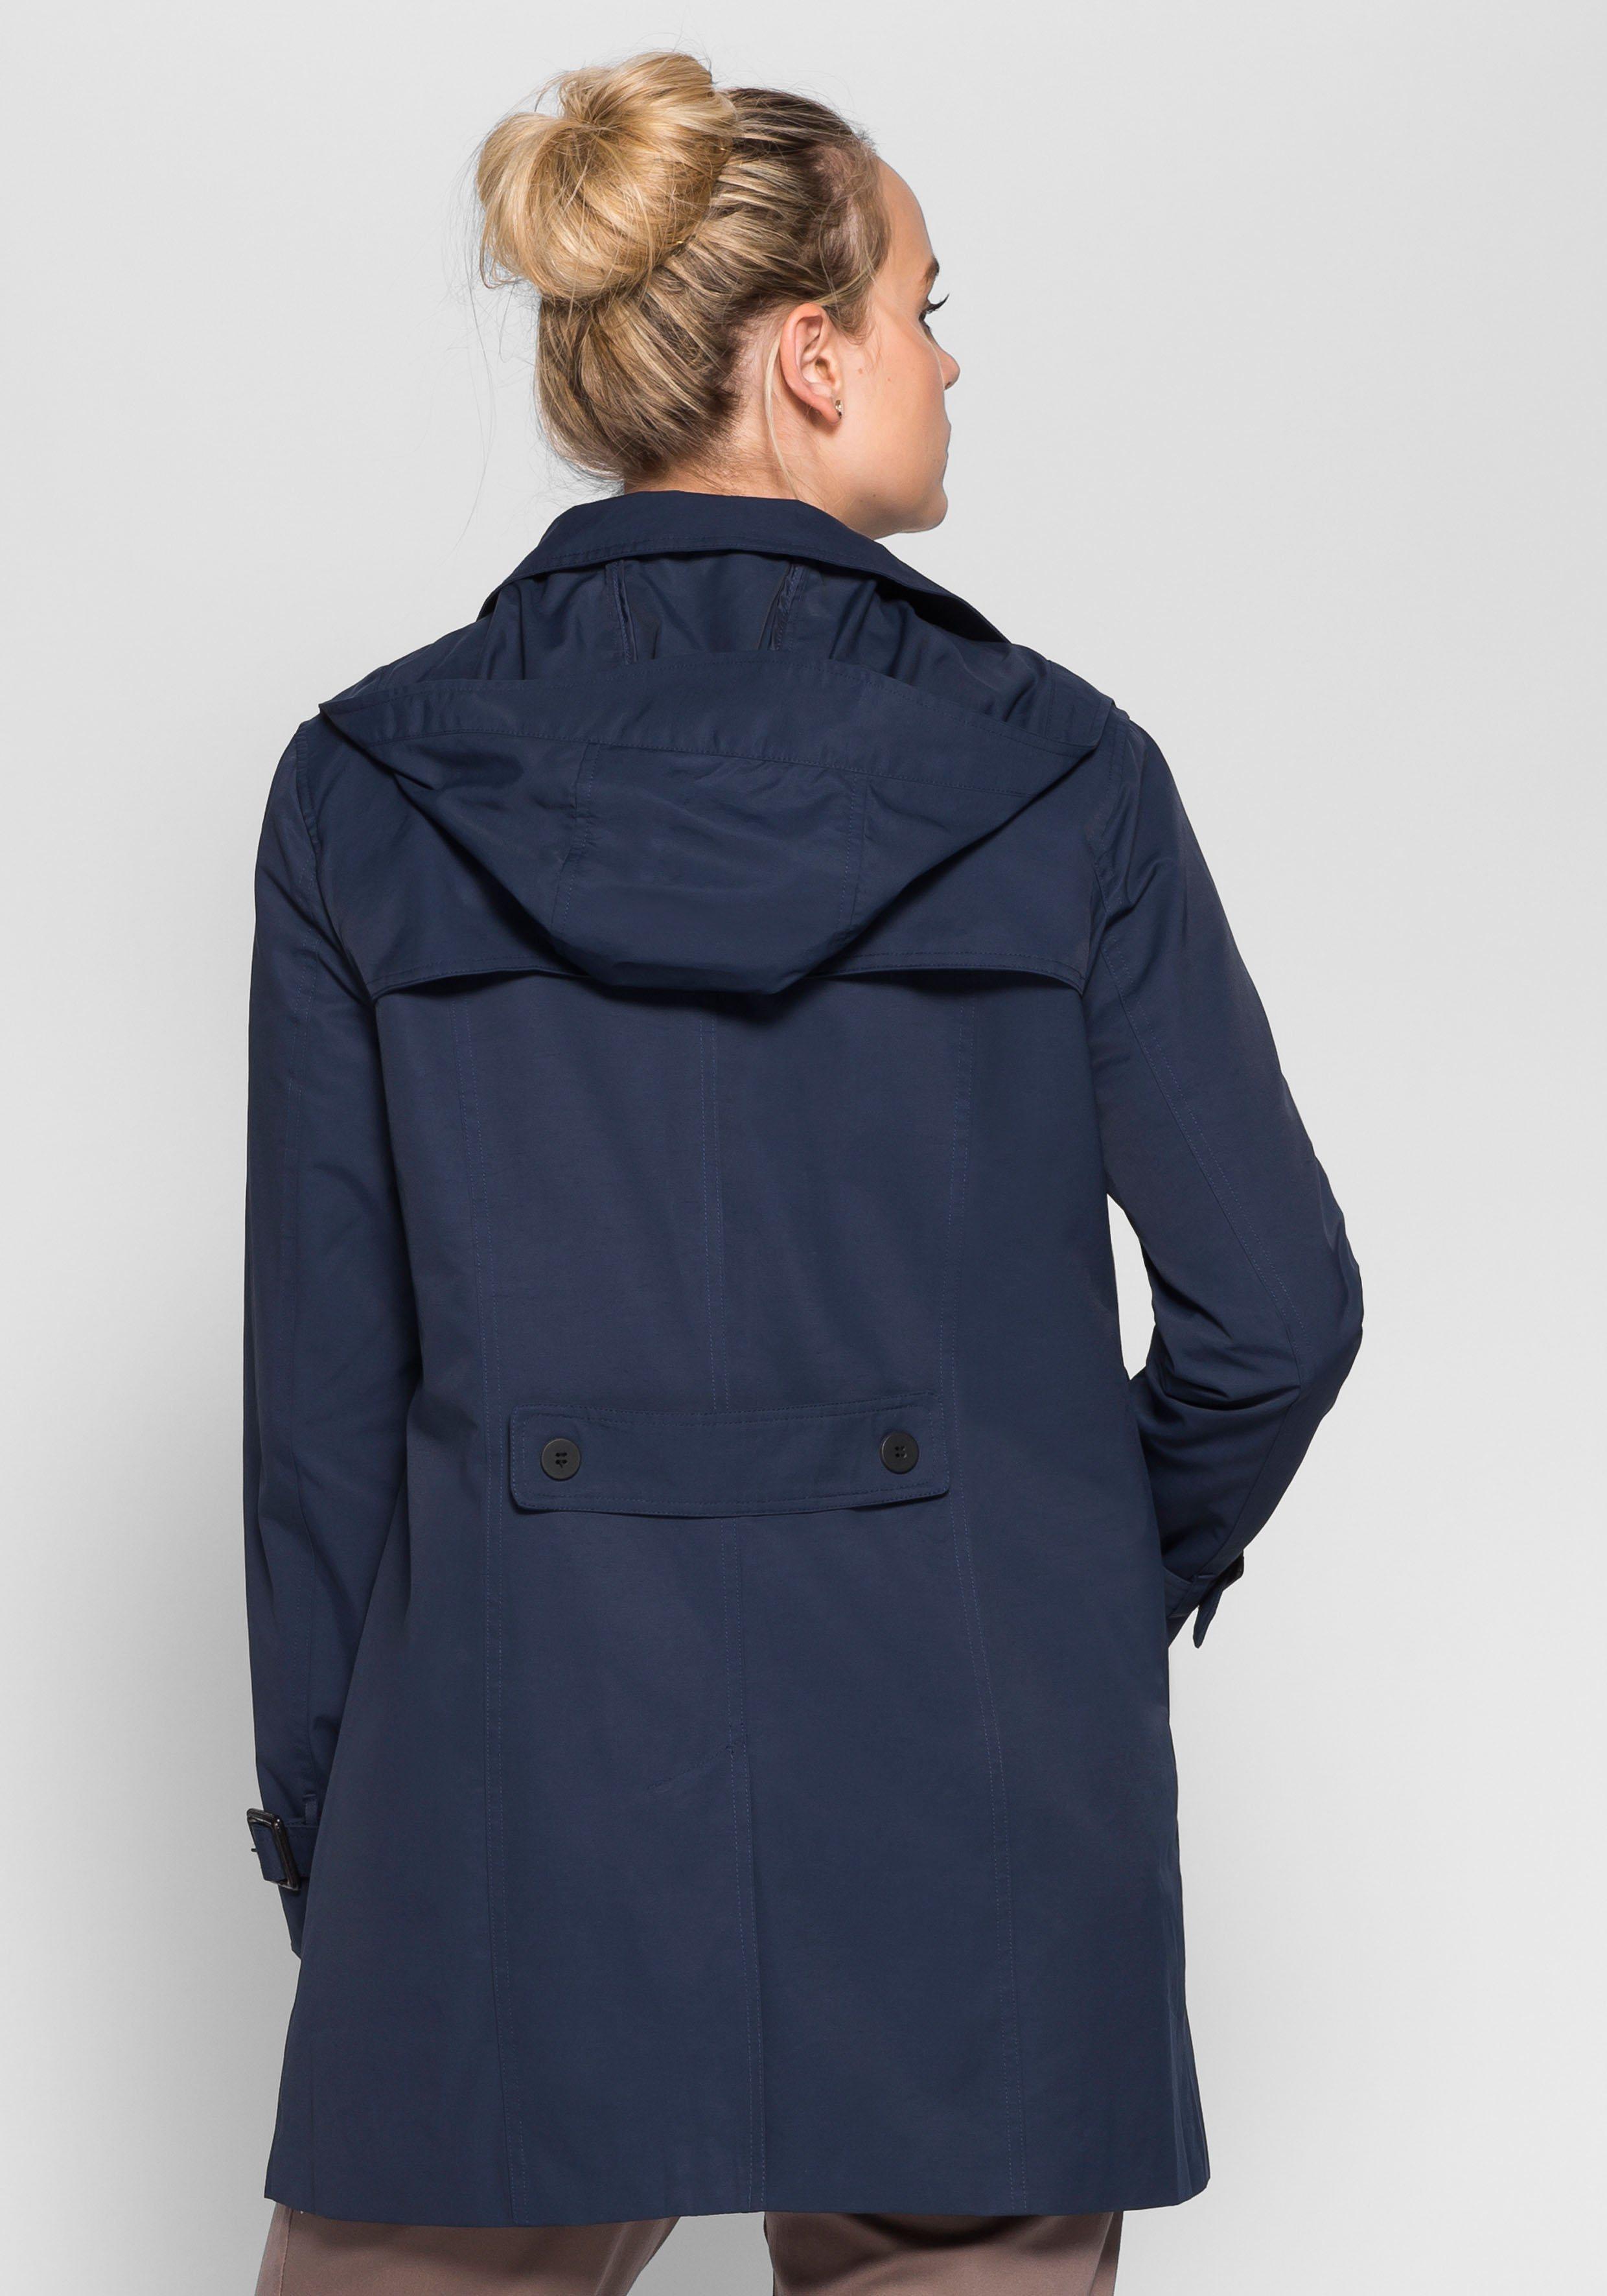 sheego Casual Trenchcoat, Winddicht und wasserabweisend durch beschichtete Baumwolle | Bekleidung > Mäntel > Trenchcoats | sheego Casual